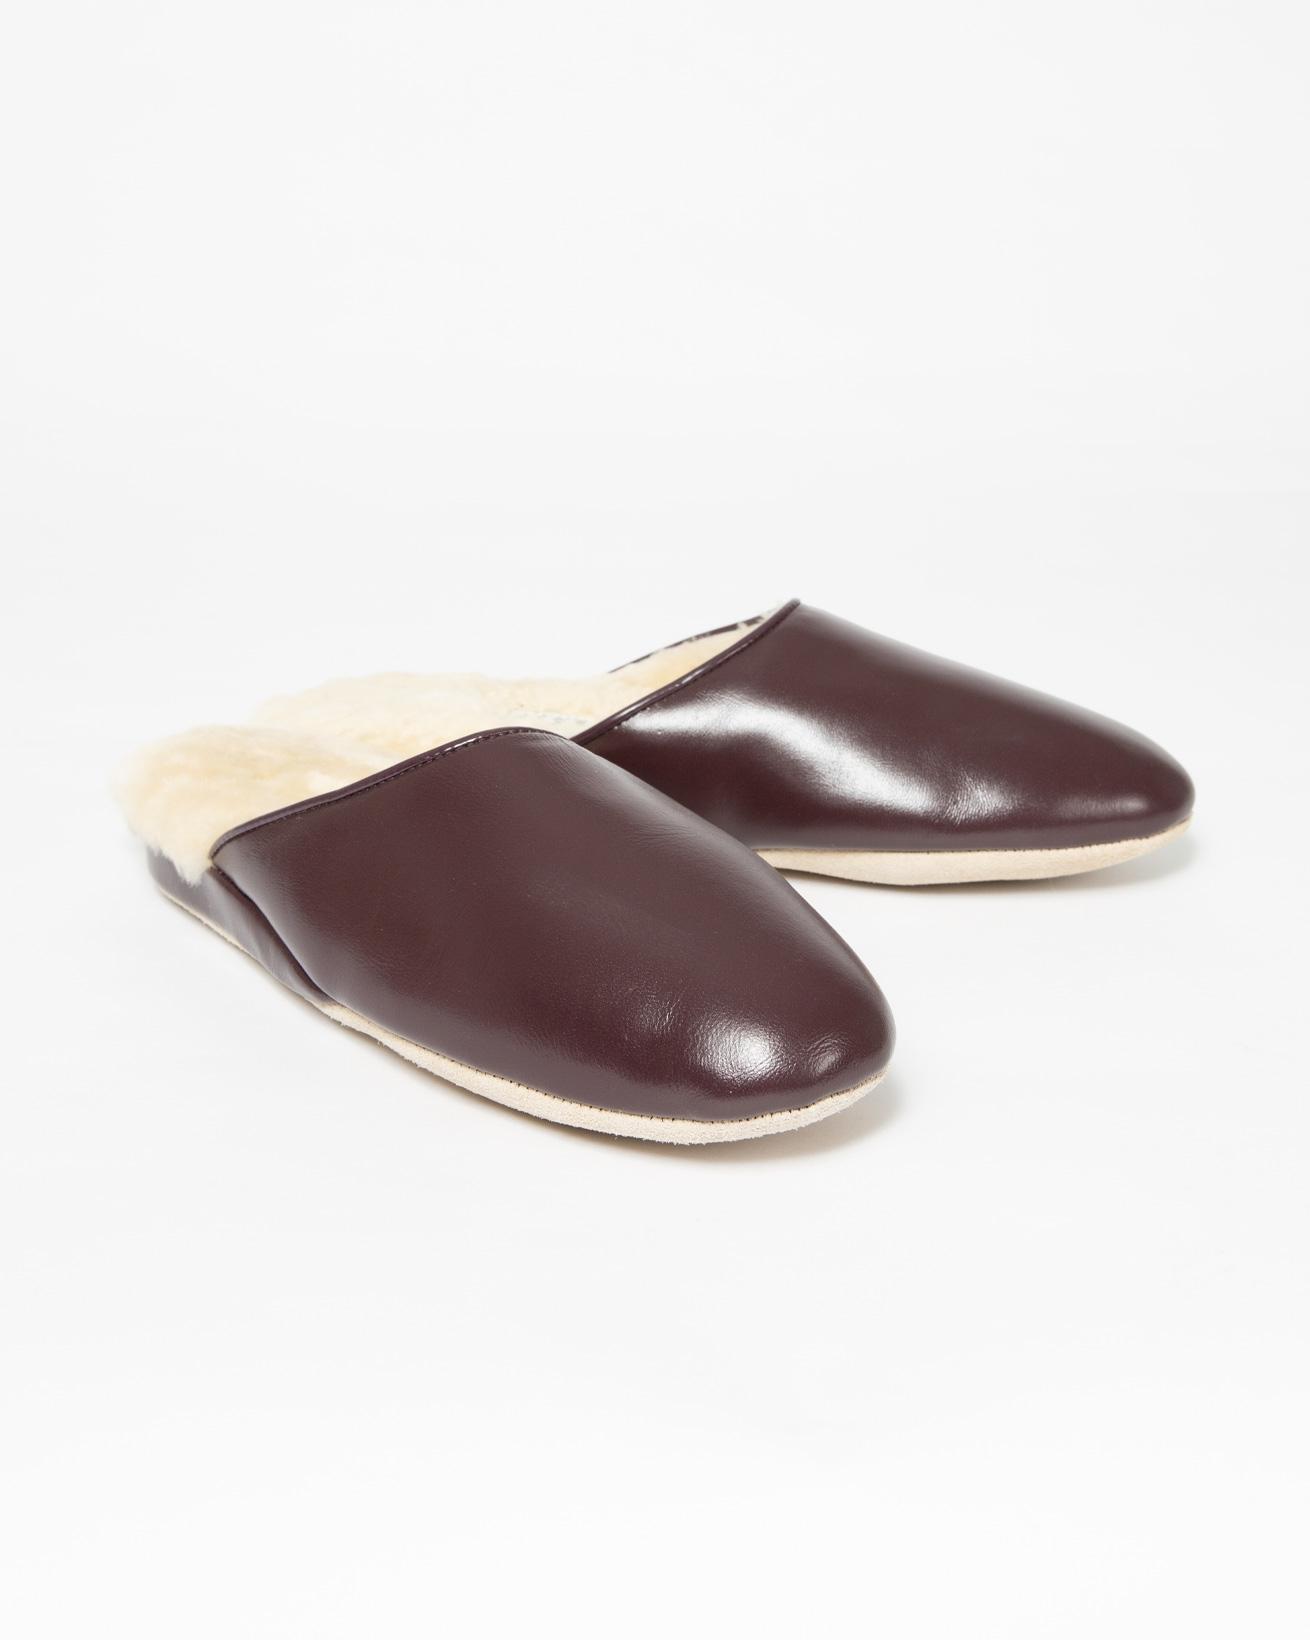 Irvine Slipper - Size 6 - Wine